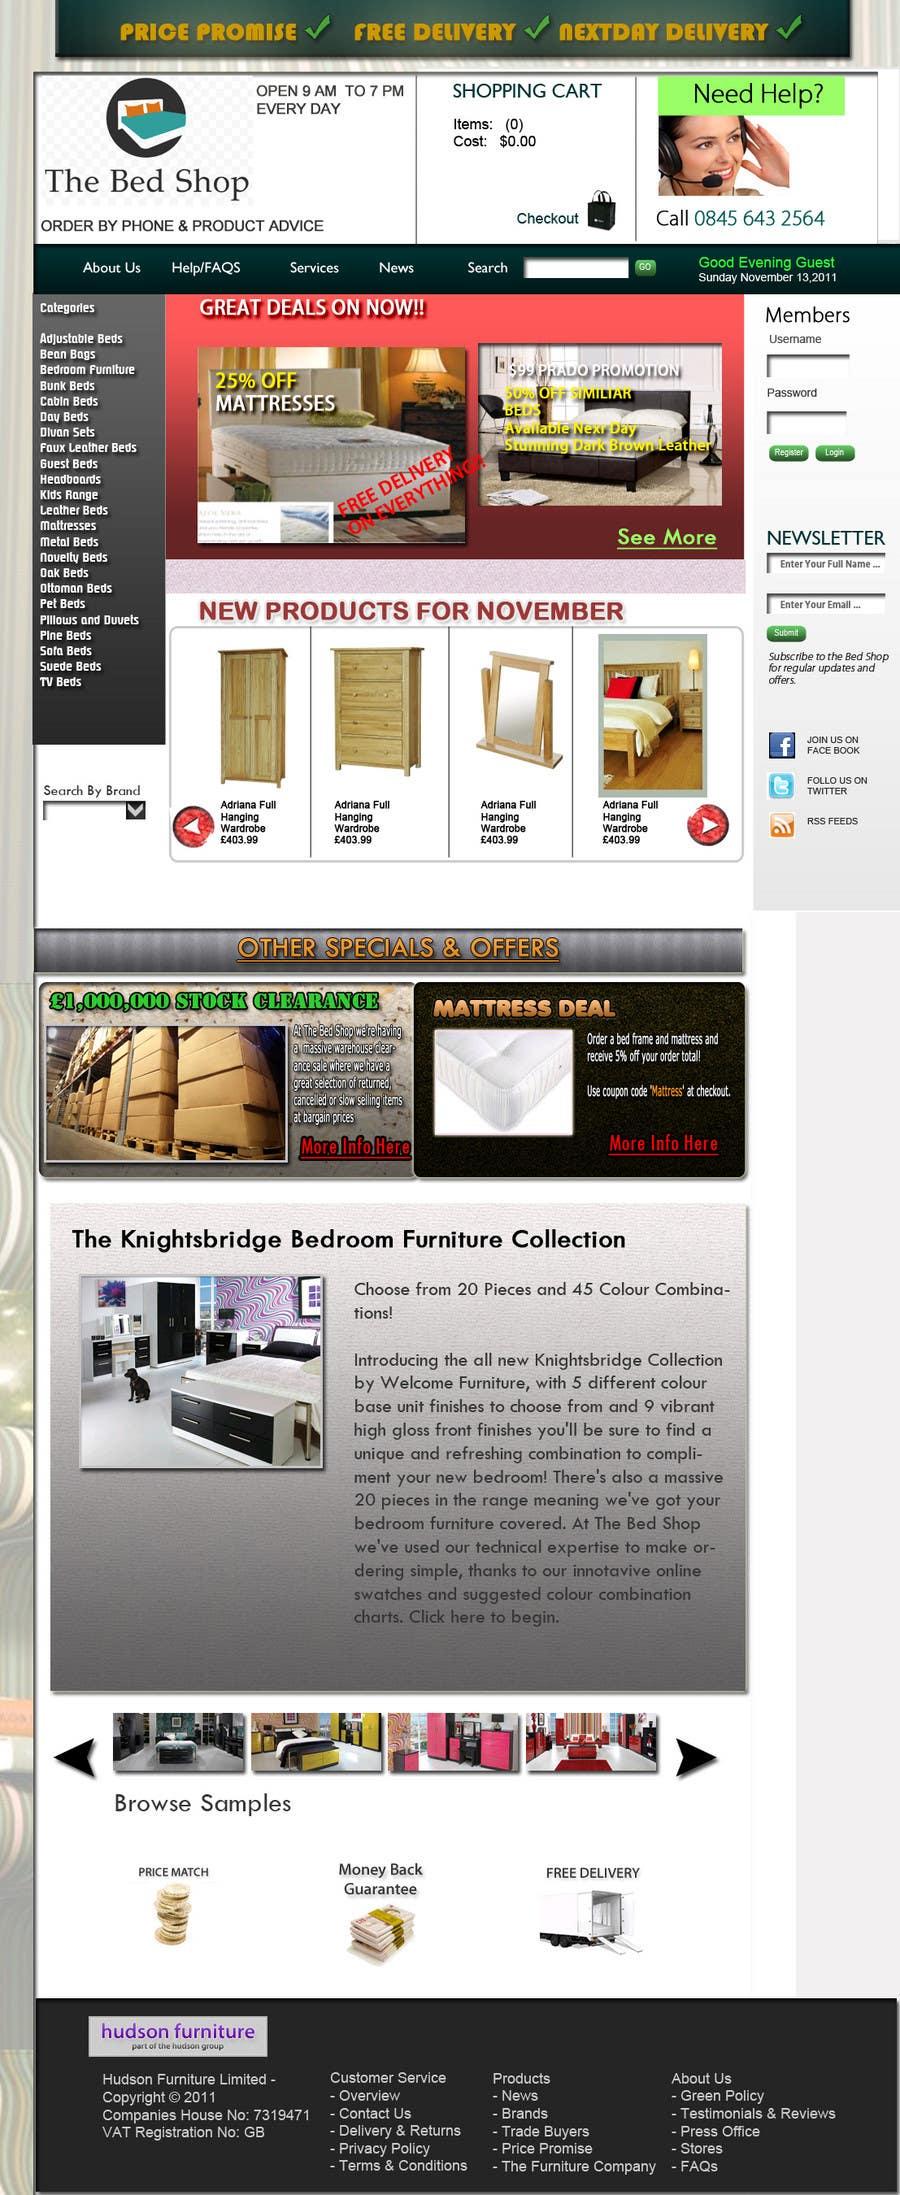 Penyertaan Peraduan #63 untuk Website Design for The Bed Shop (Online Furniture Retailer)